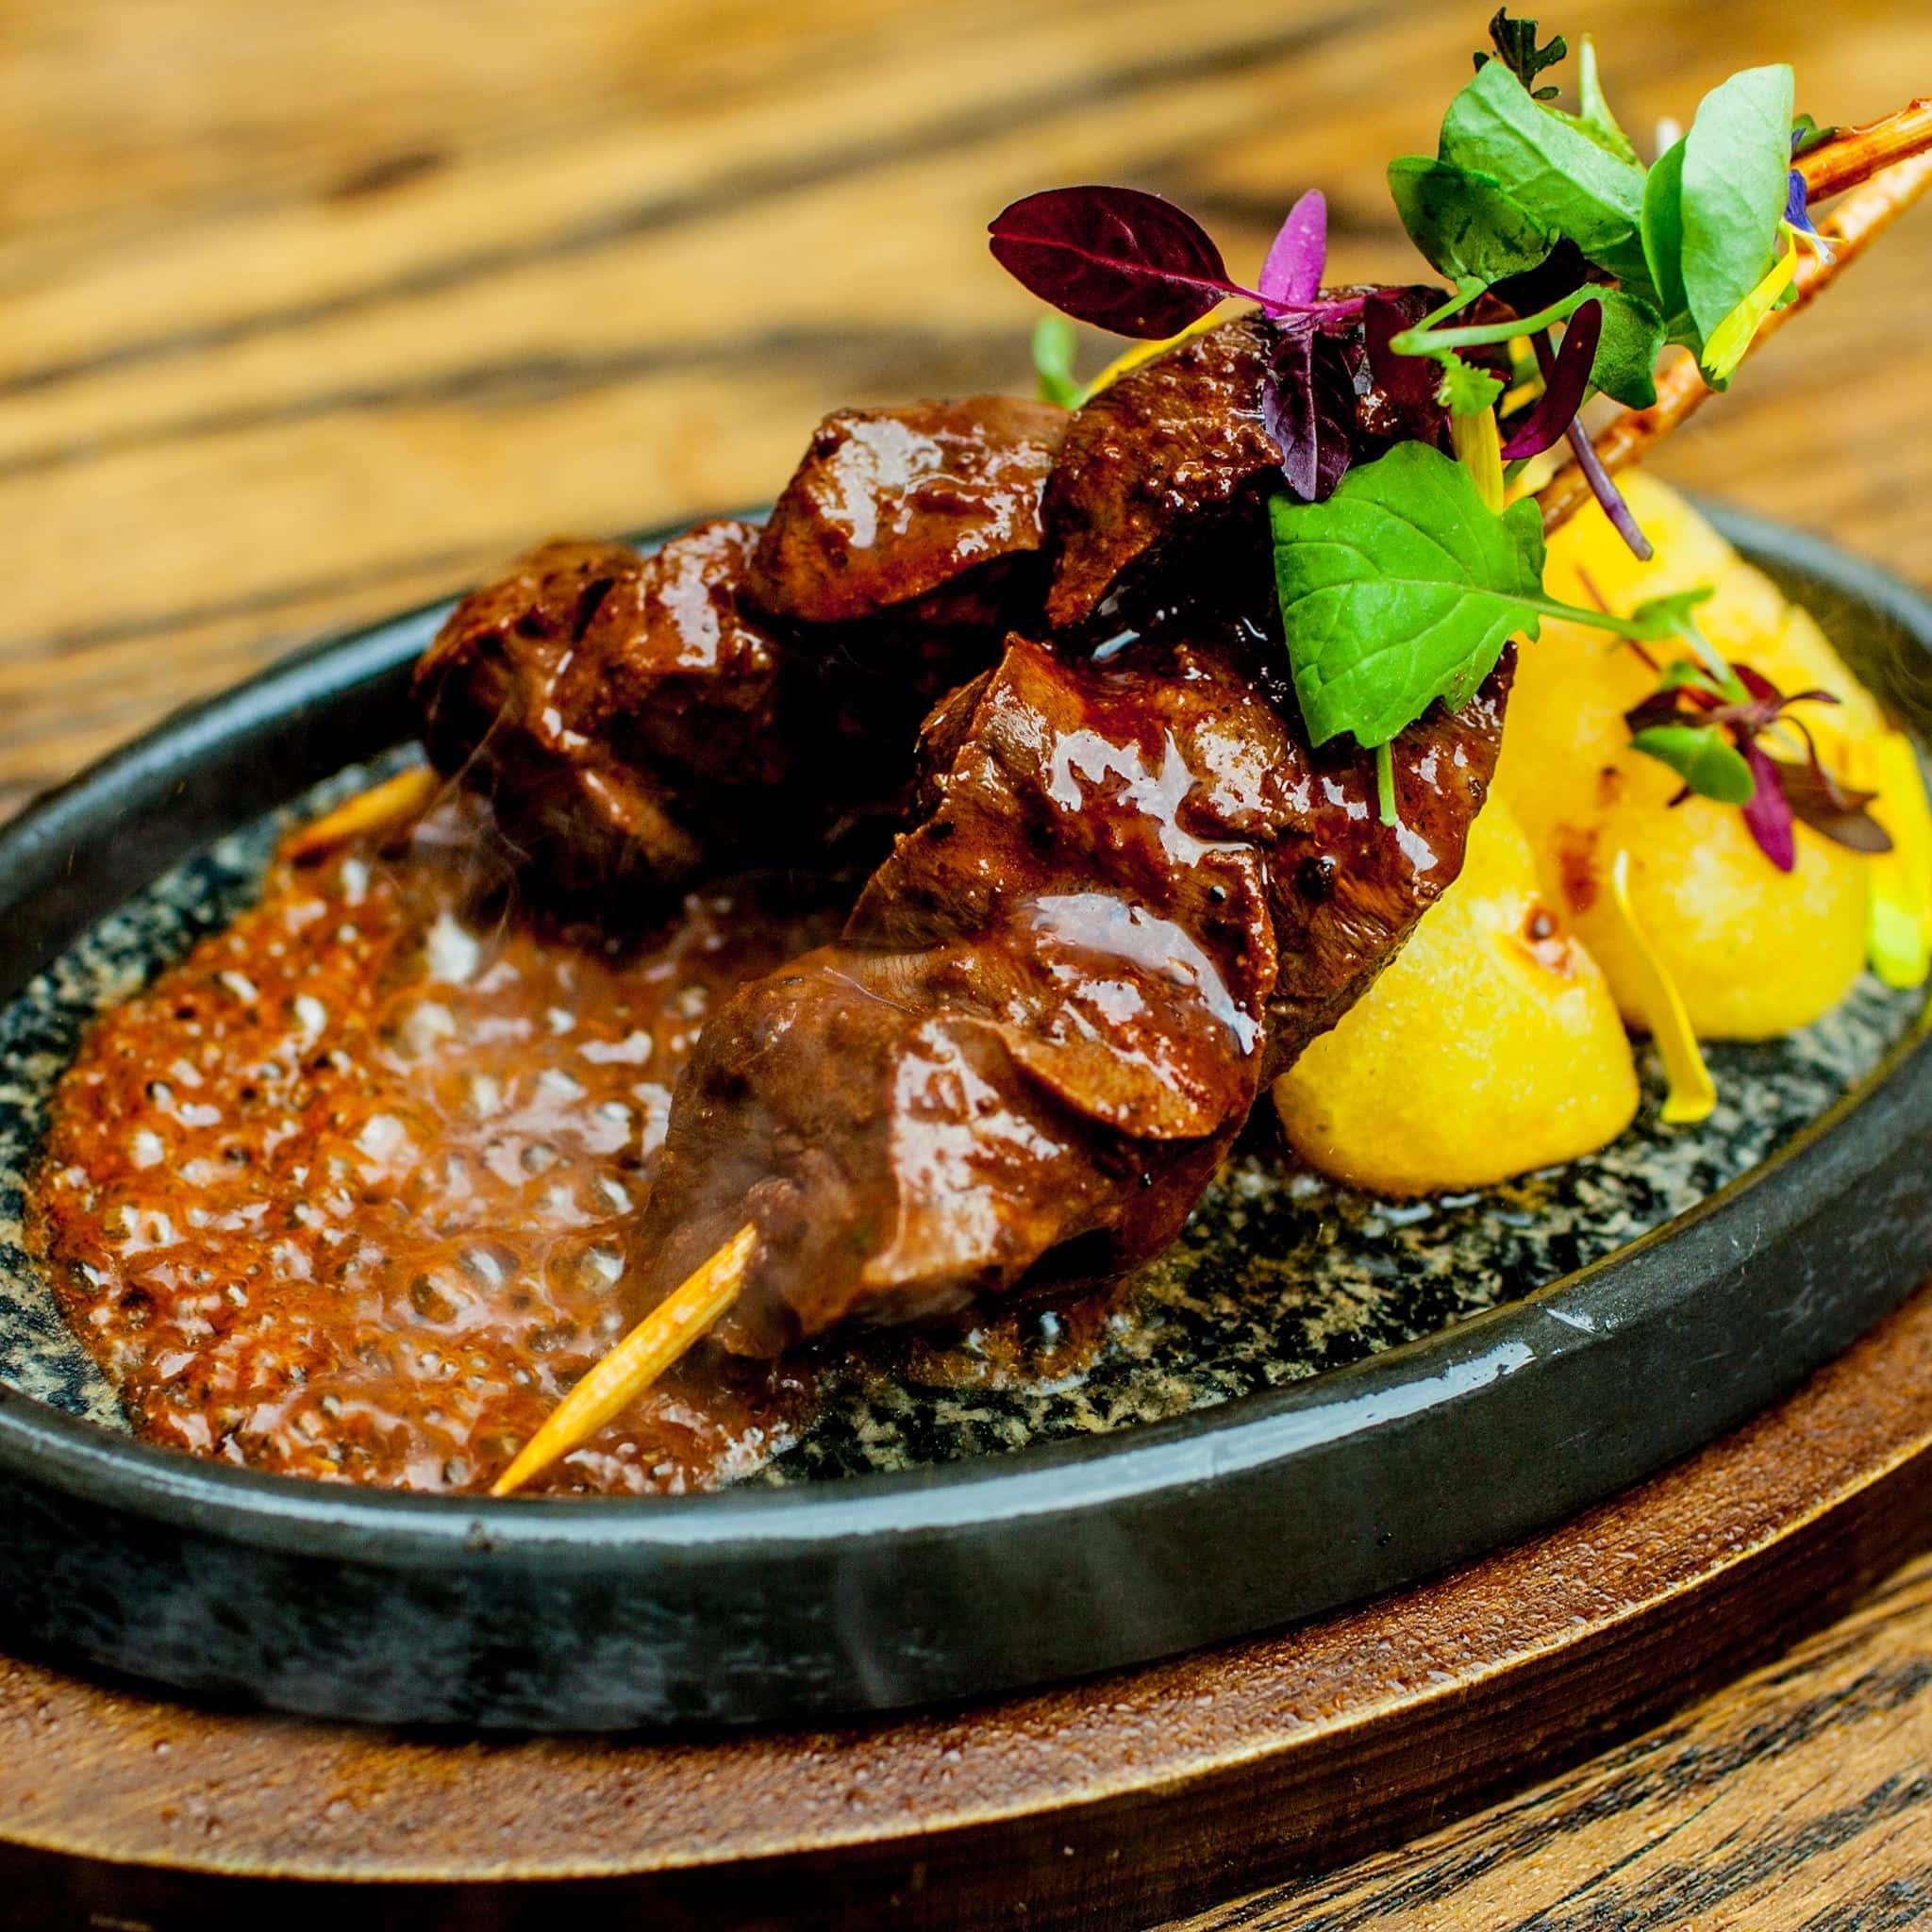 tiradito-restaurant-bar-peruvien-rue-bleury-9